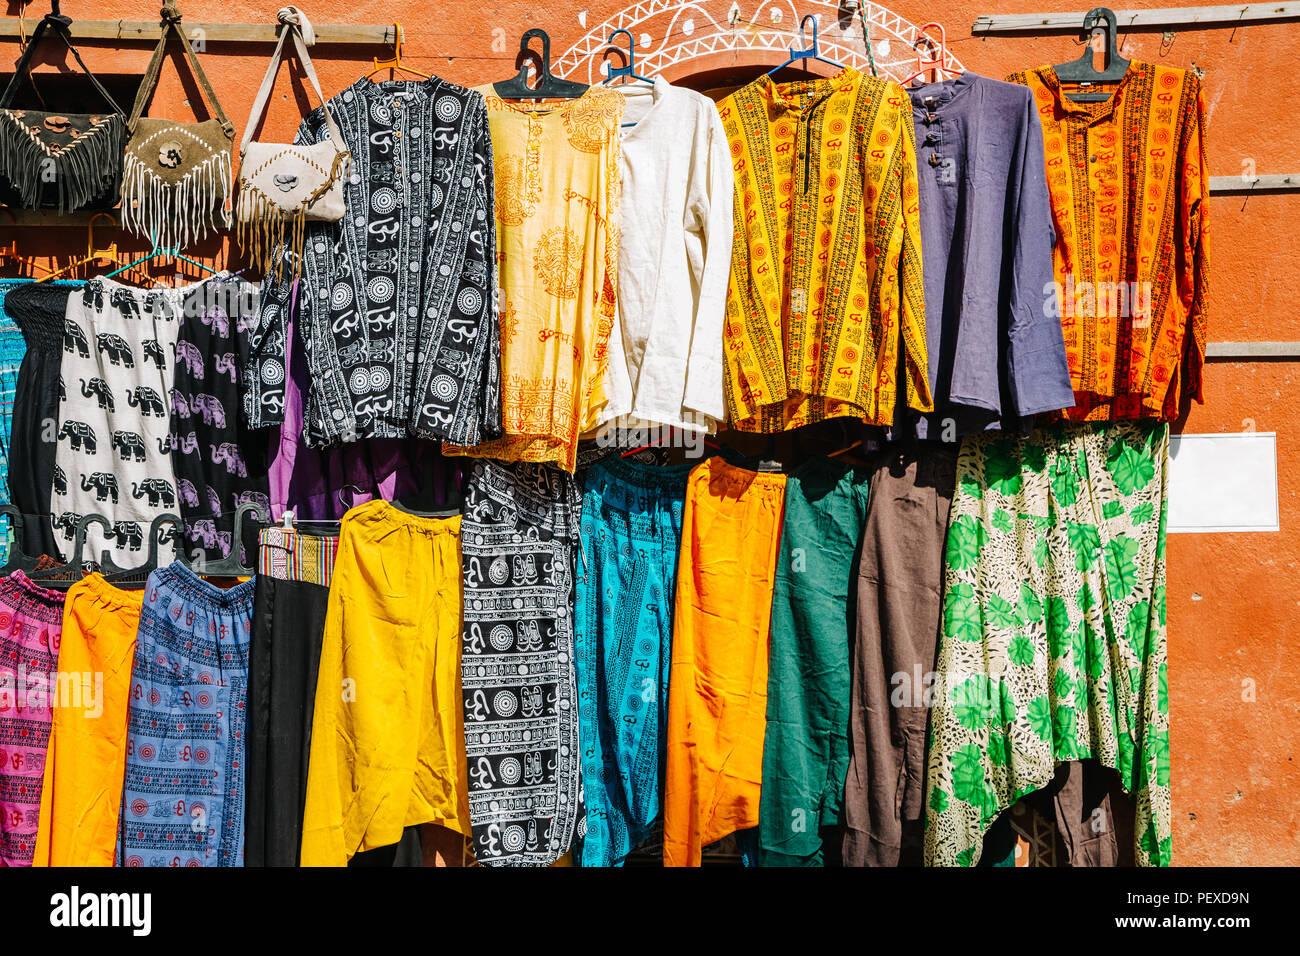 Stile Indiano negozio di abbigliamento, strada del mercato di Hampi, India Immagini Stock